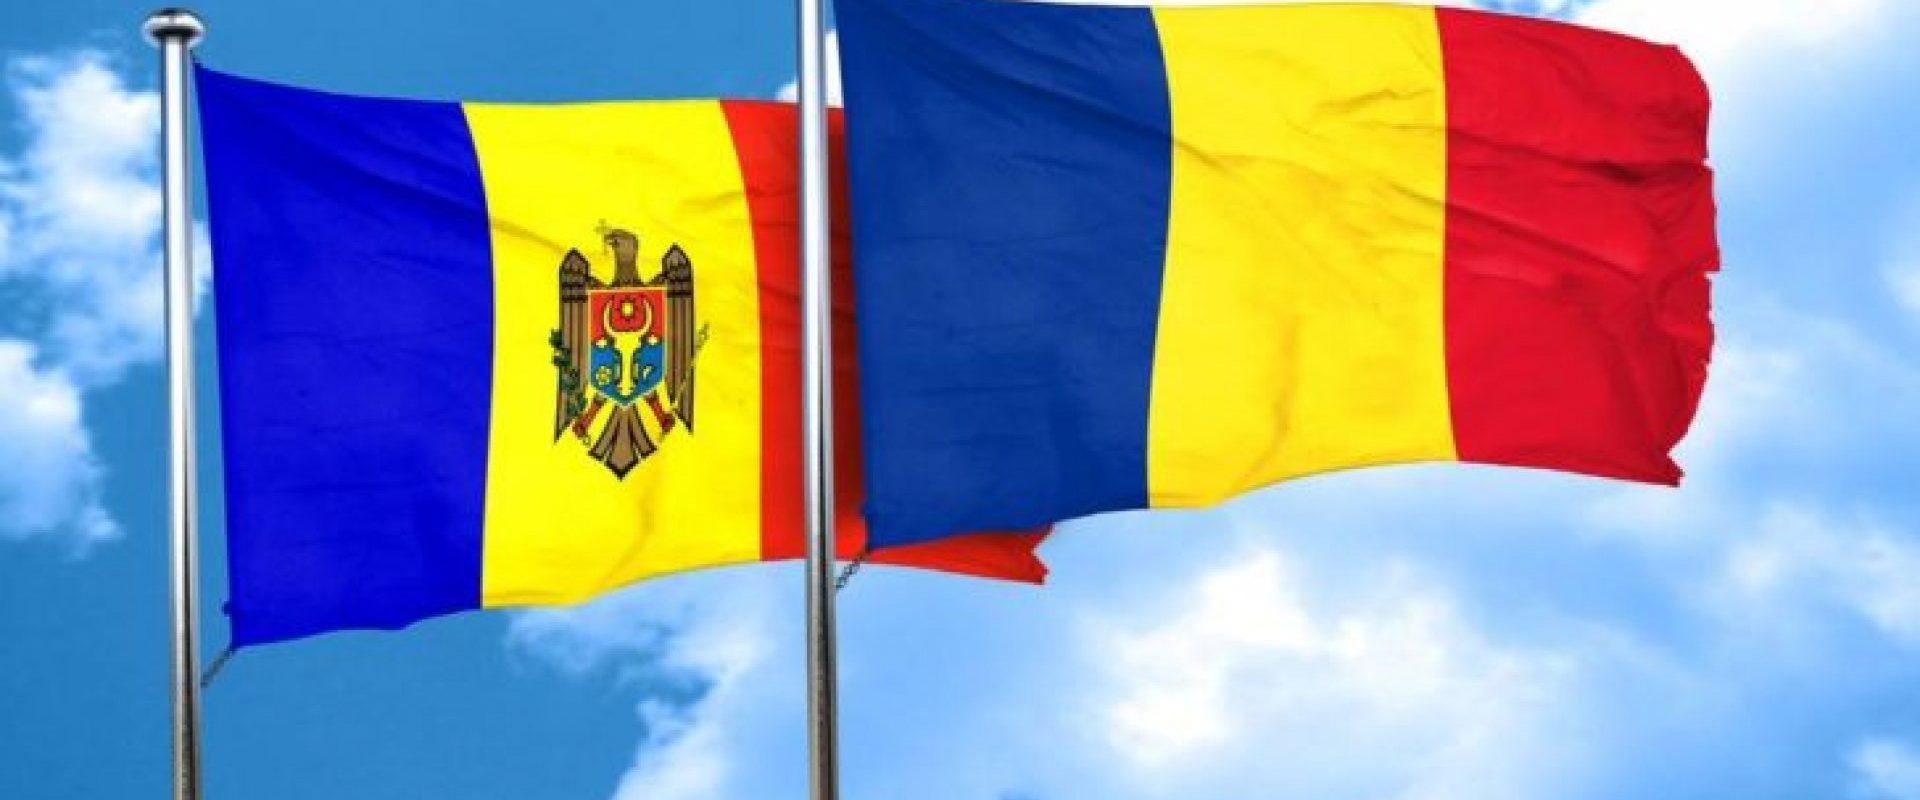 România a exclus Republica Moldova de pe lista țărilor cu risc epidemiologic. (23.11.2020)